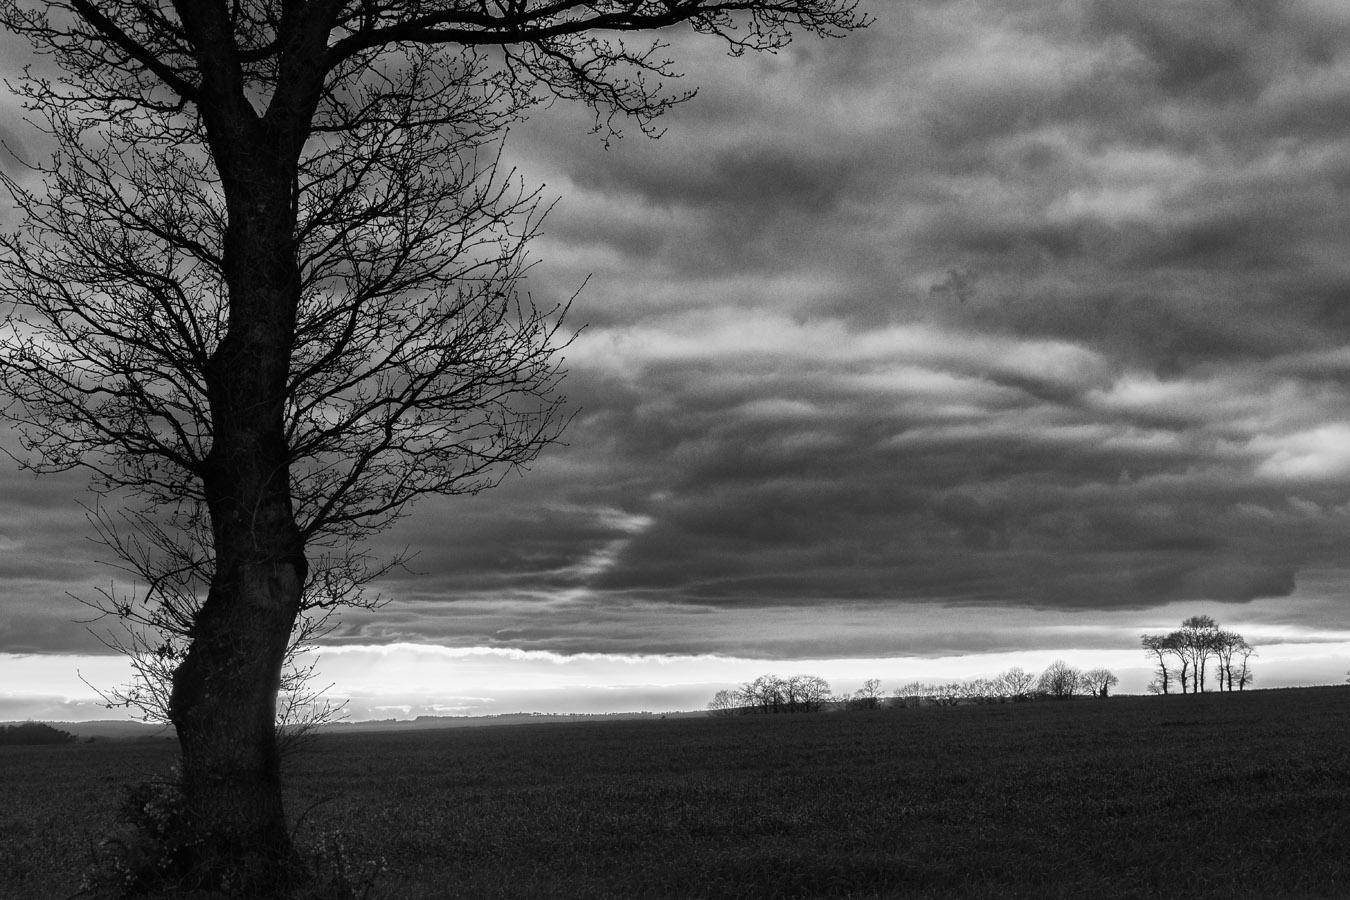 Coucher de soleil en campagne avec arbre en contrejour et jeu de contraste dans les nuages ; noir et blanc